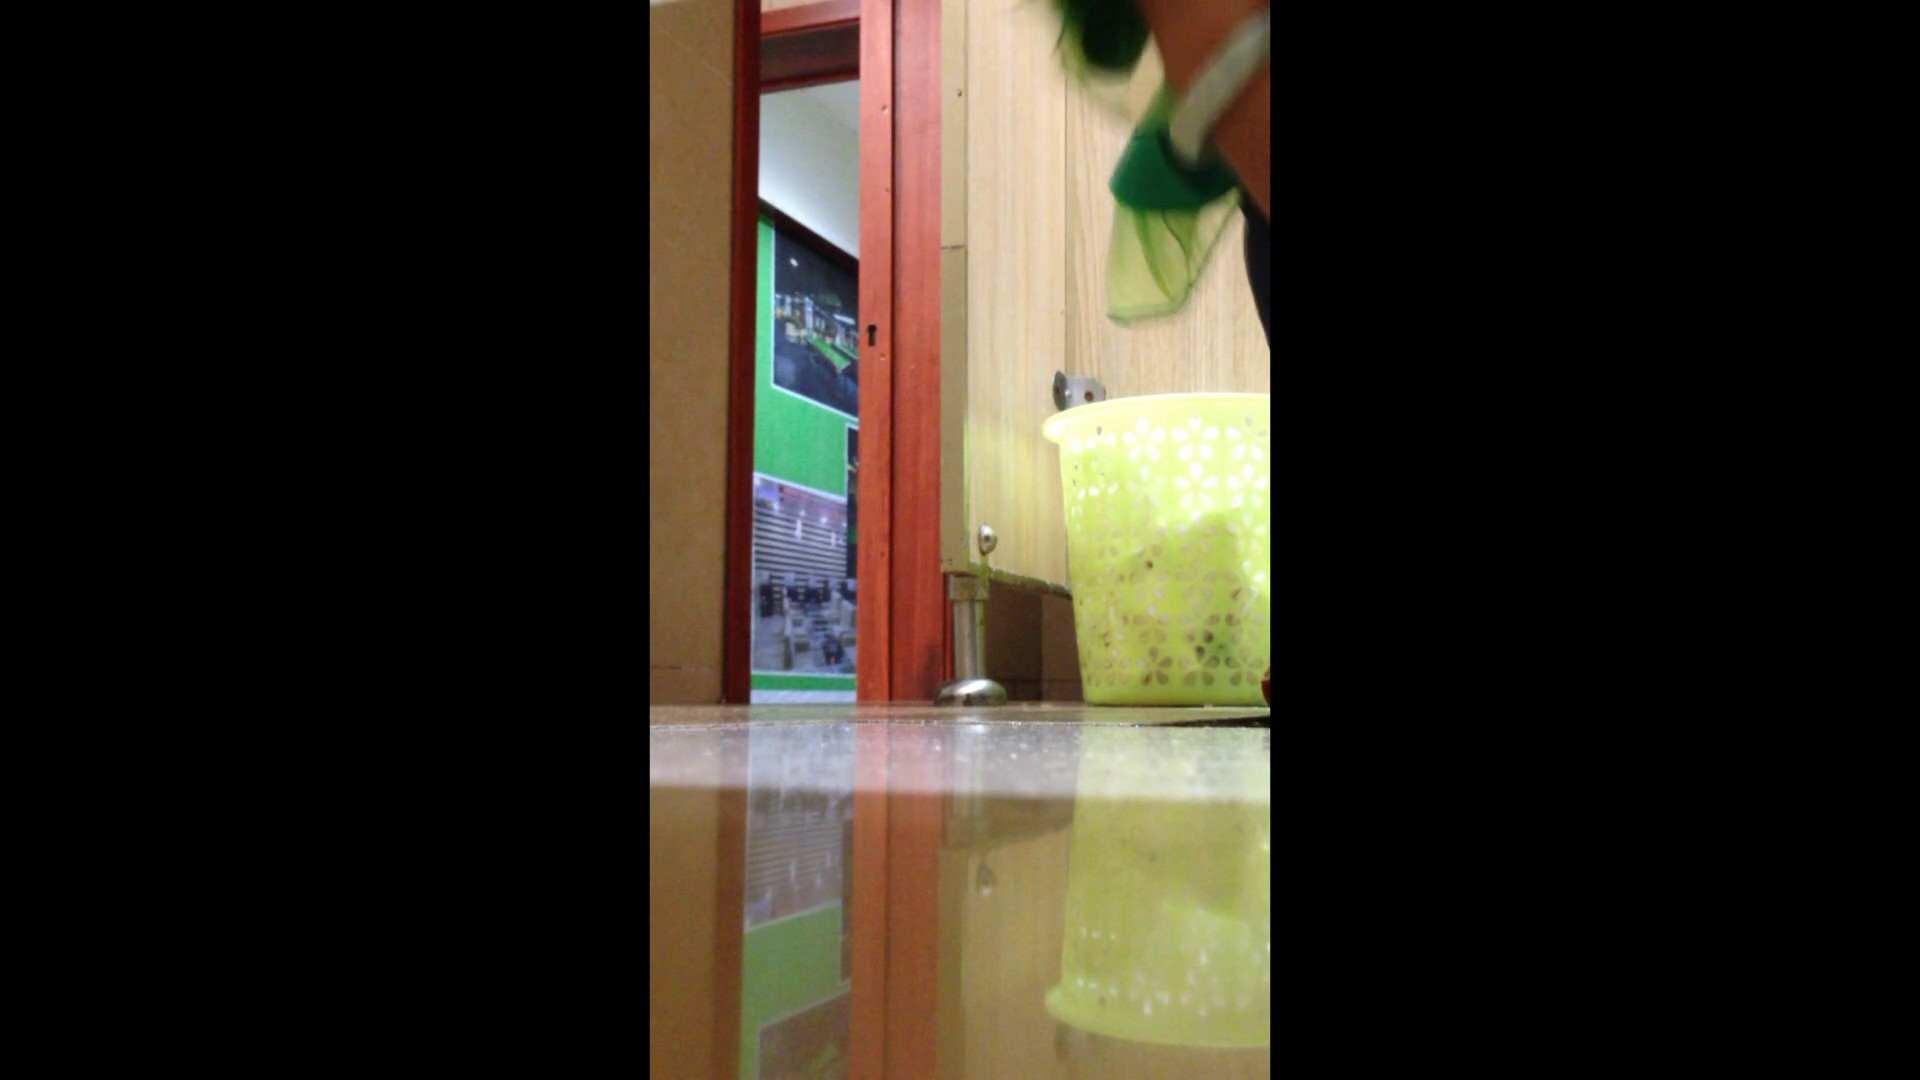 芸術大学ガチ潜入盗撮 JD盗撮 美女の洗面所の秘密 Vol.87 トイレ盗撮 オマンコ動画キャプチャ 110枚 107